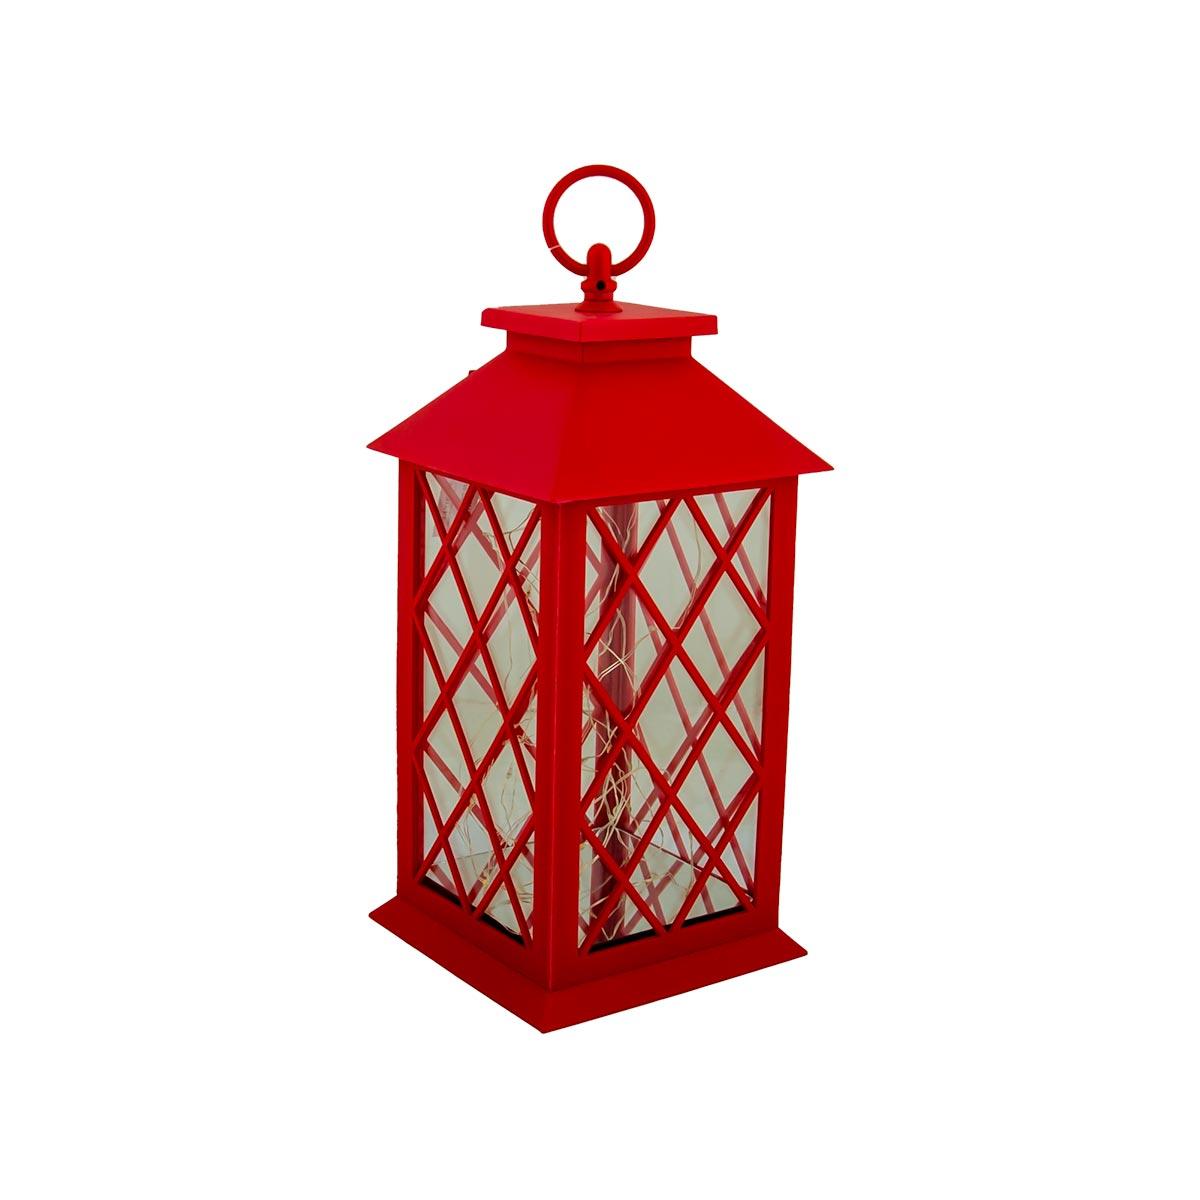 فانوس بلاستيك مع اضاءة تعمل بالبطارية لون احمر  رقم 004211